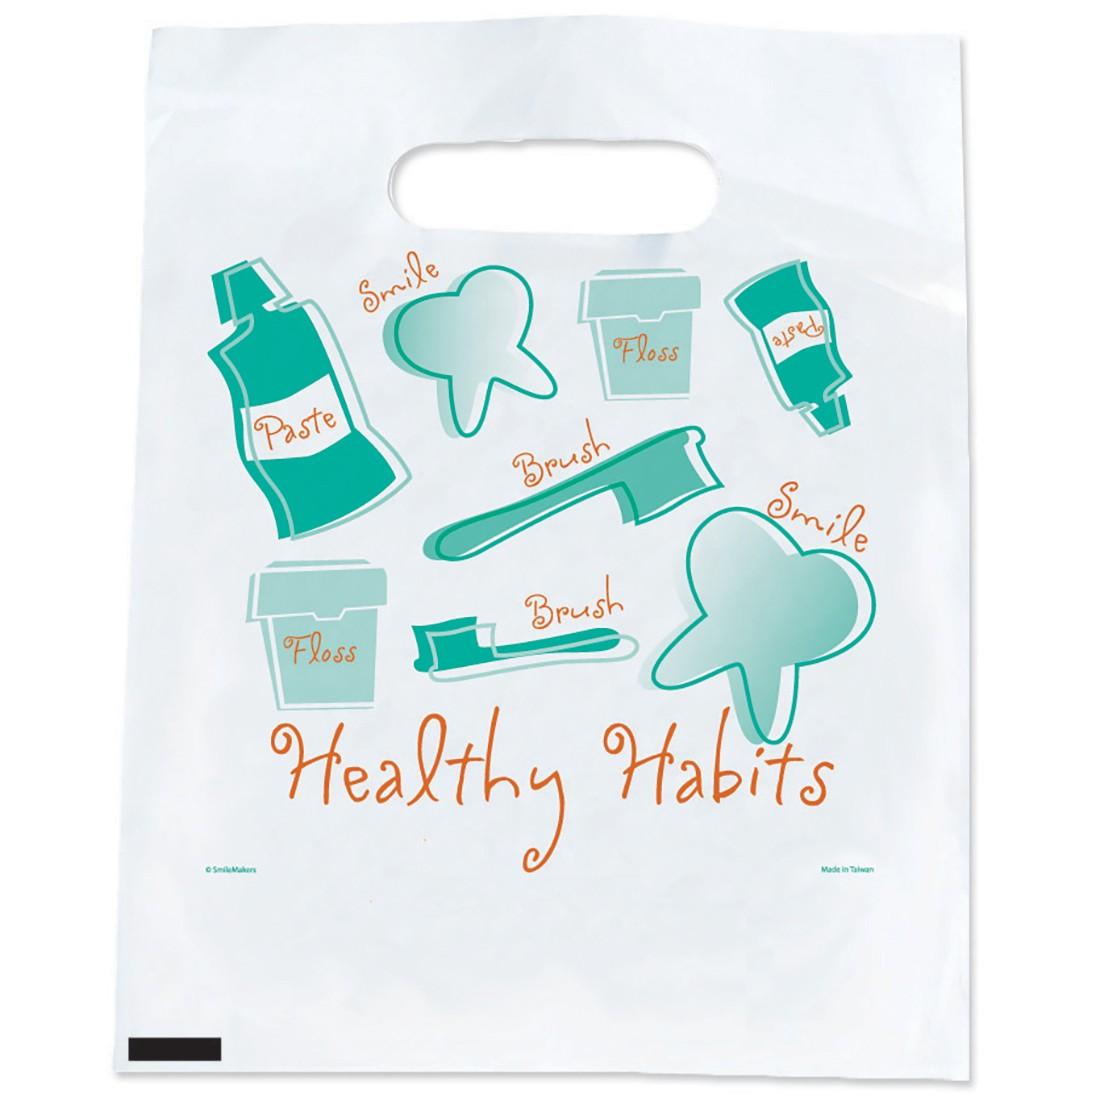 Healthy Habits Bag                                 [image]